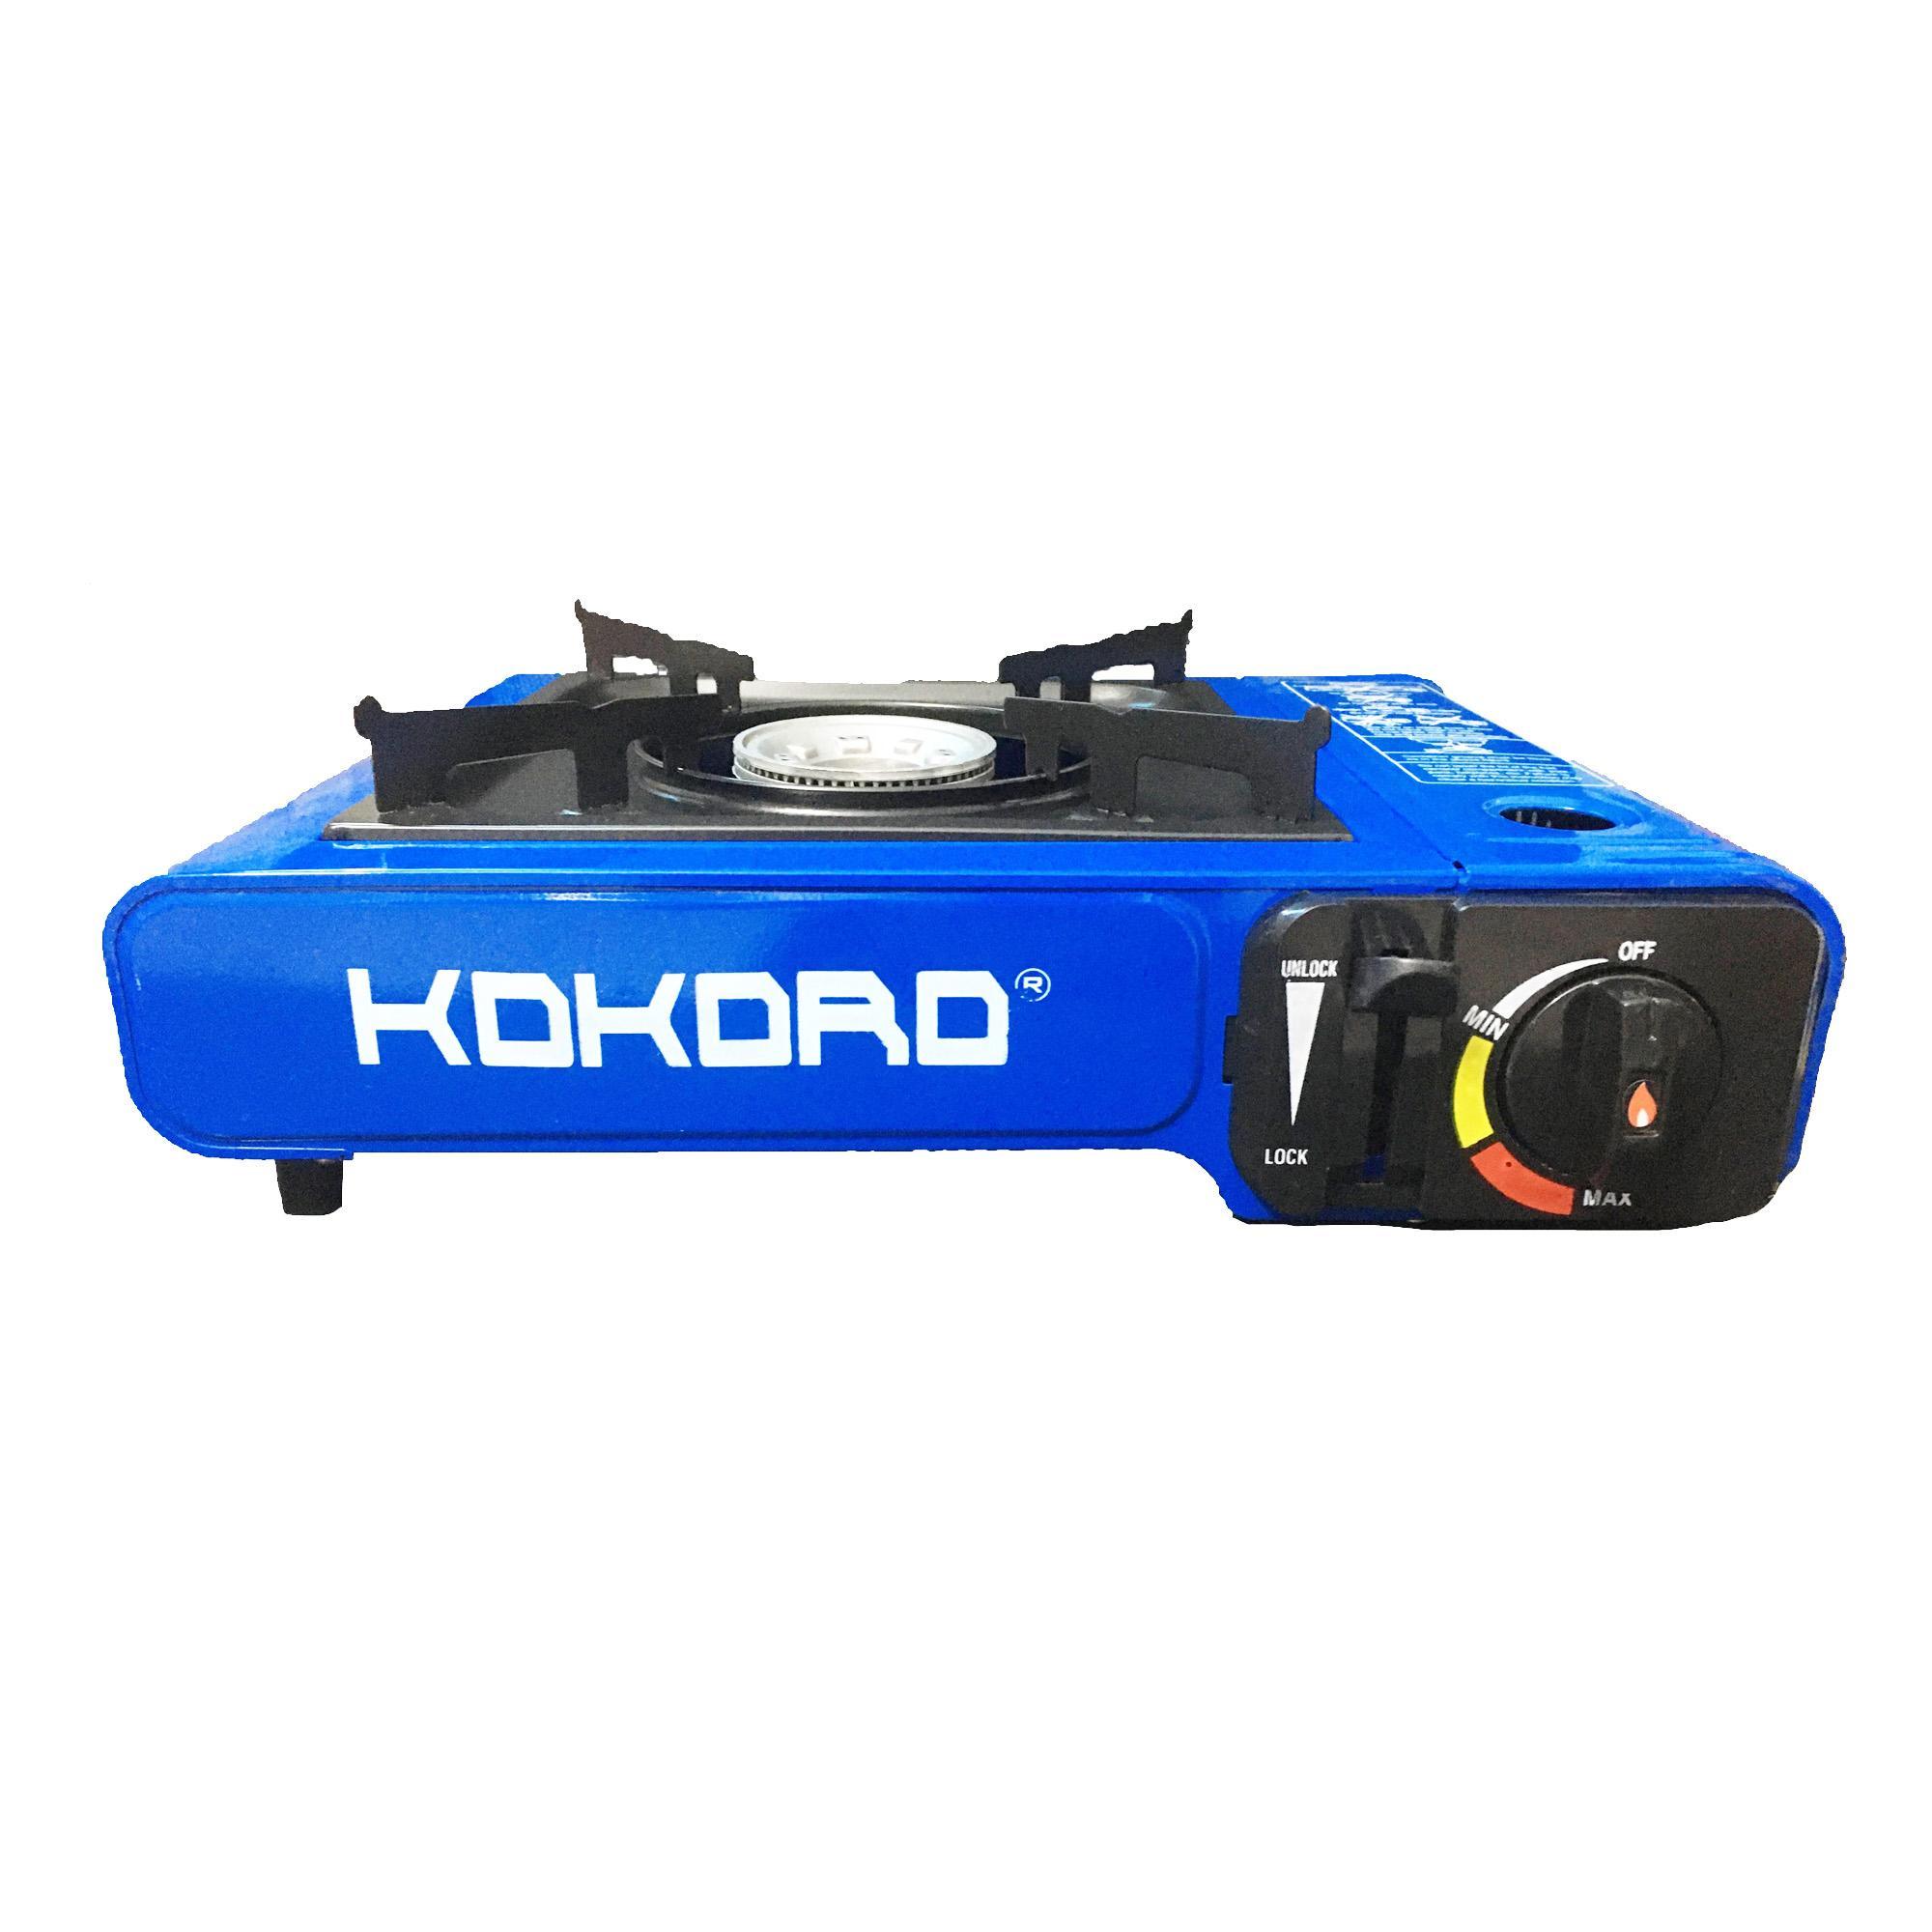 Bếp gas du lịch Kokoro thân sơn tĩnh điện (bếp ga mini chống cháy nổ - an  toàn sử dụng) - bep ga mini, bep gas mini, bep ga, bep du lich